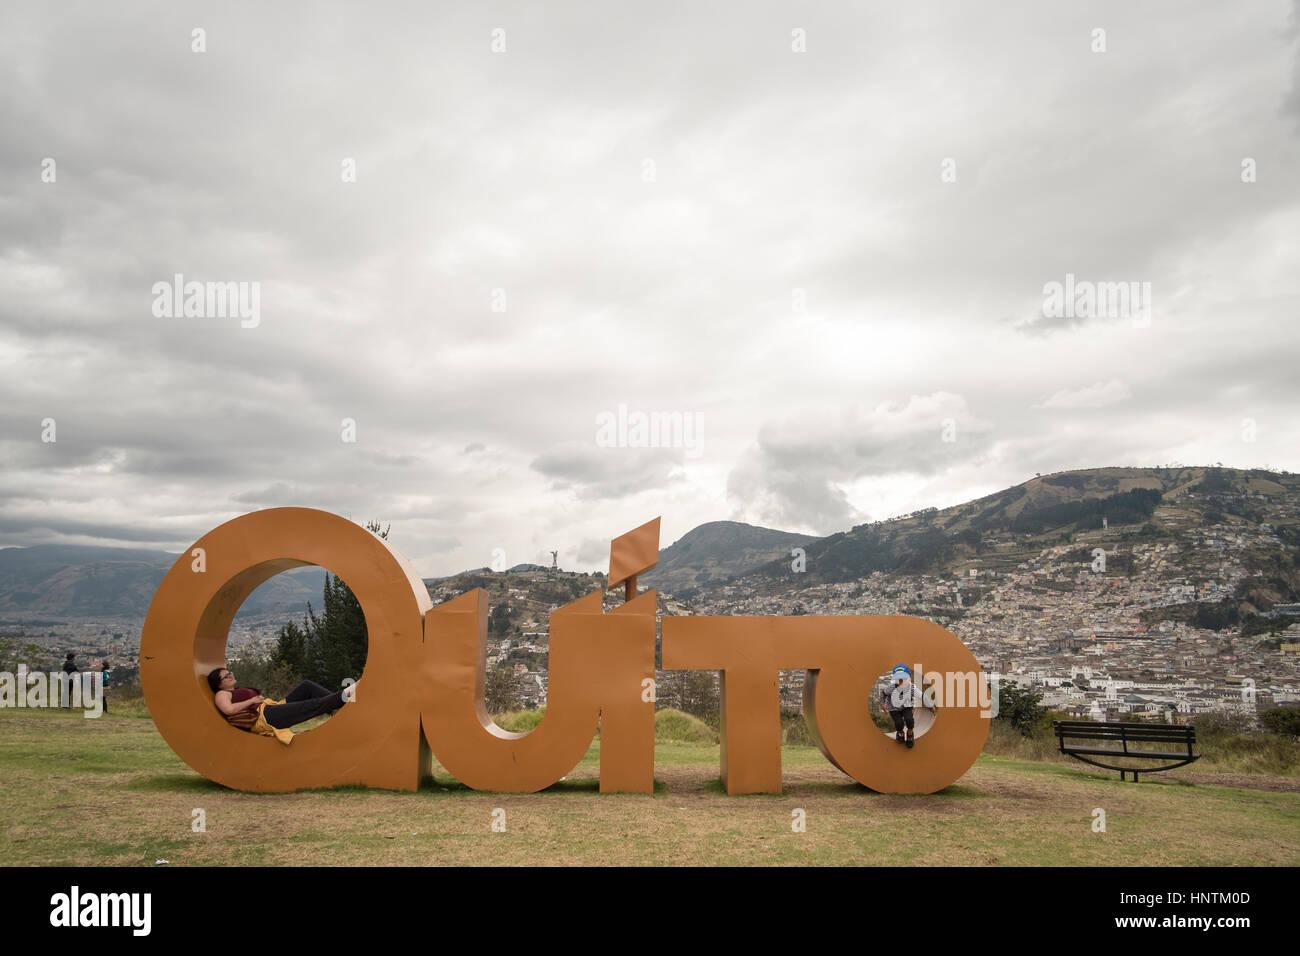 Parque Itchimbia Quito , Ecuador - Stock Image